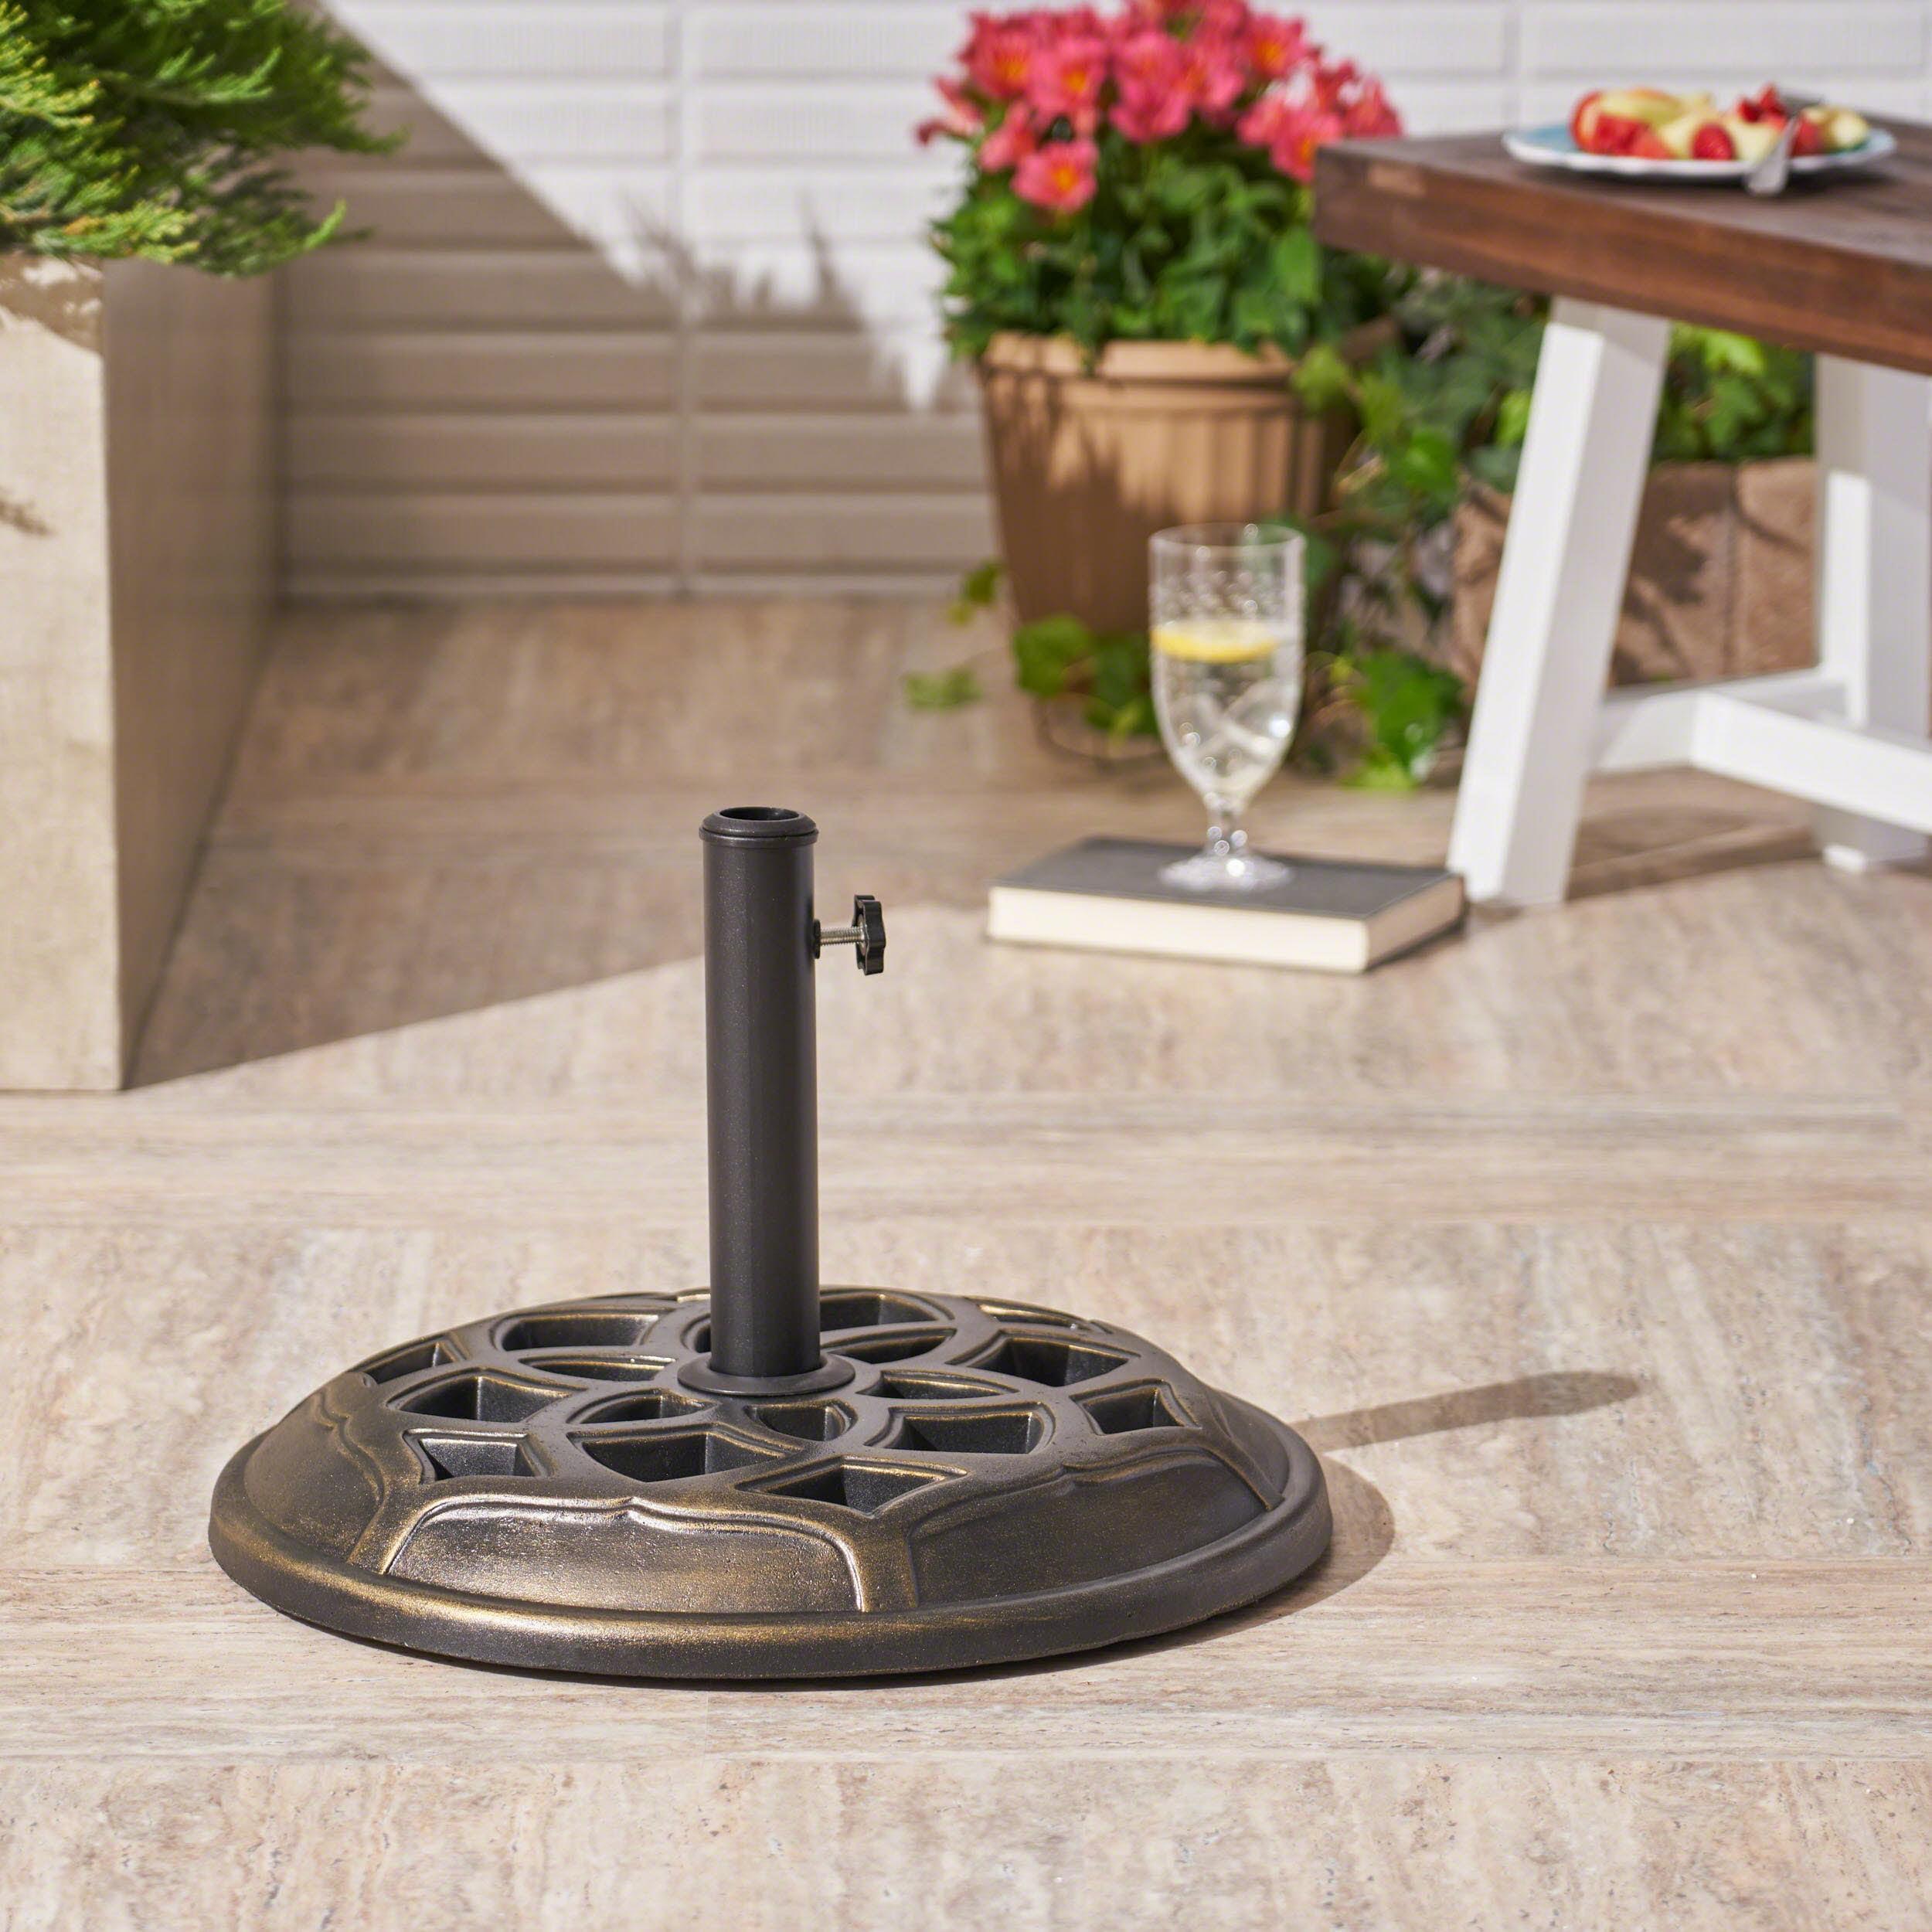 Outdoor 44lb Concrete Circular Umbrella Base, Bronze